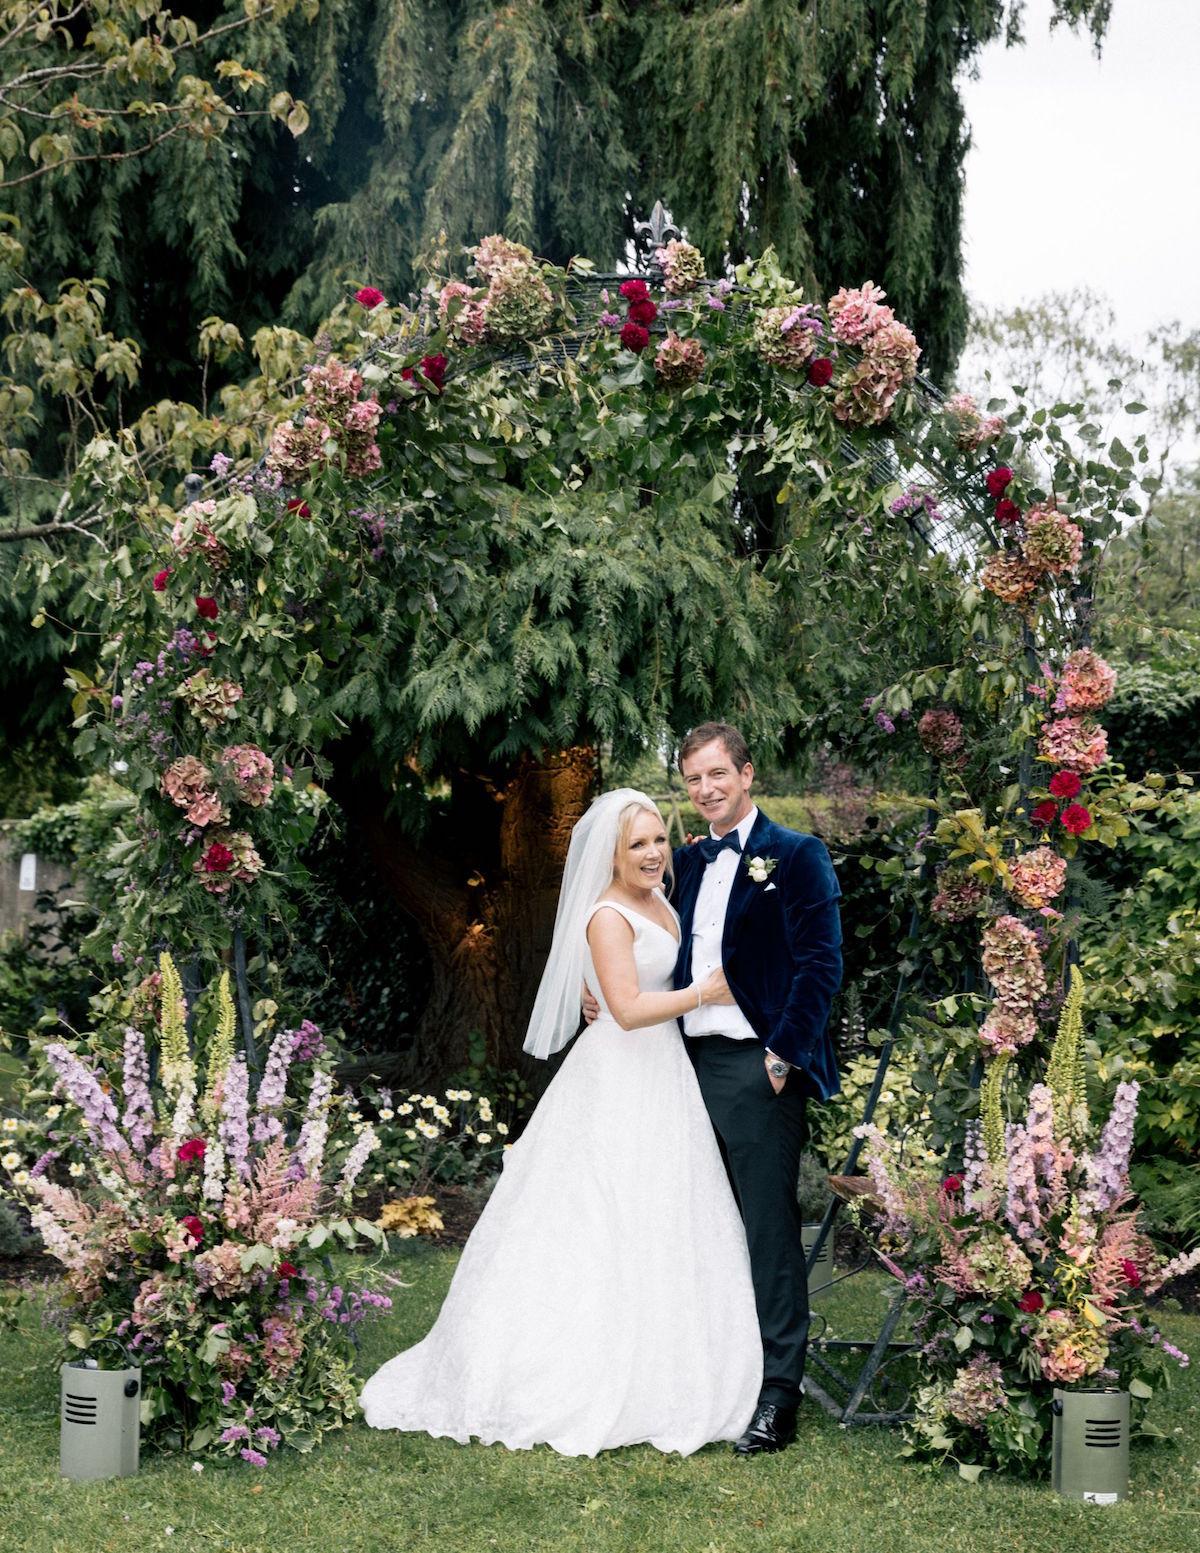 floral arch garden